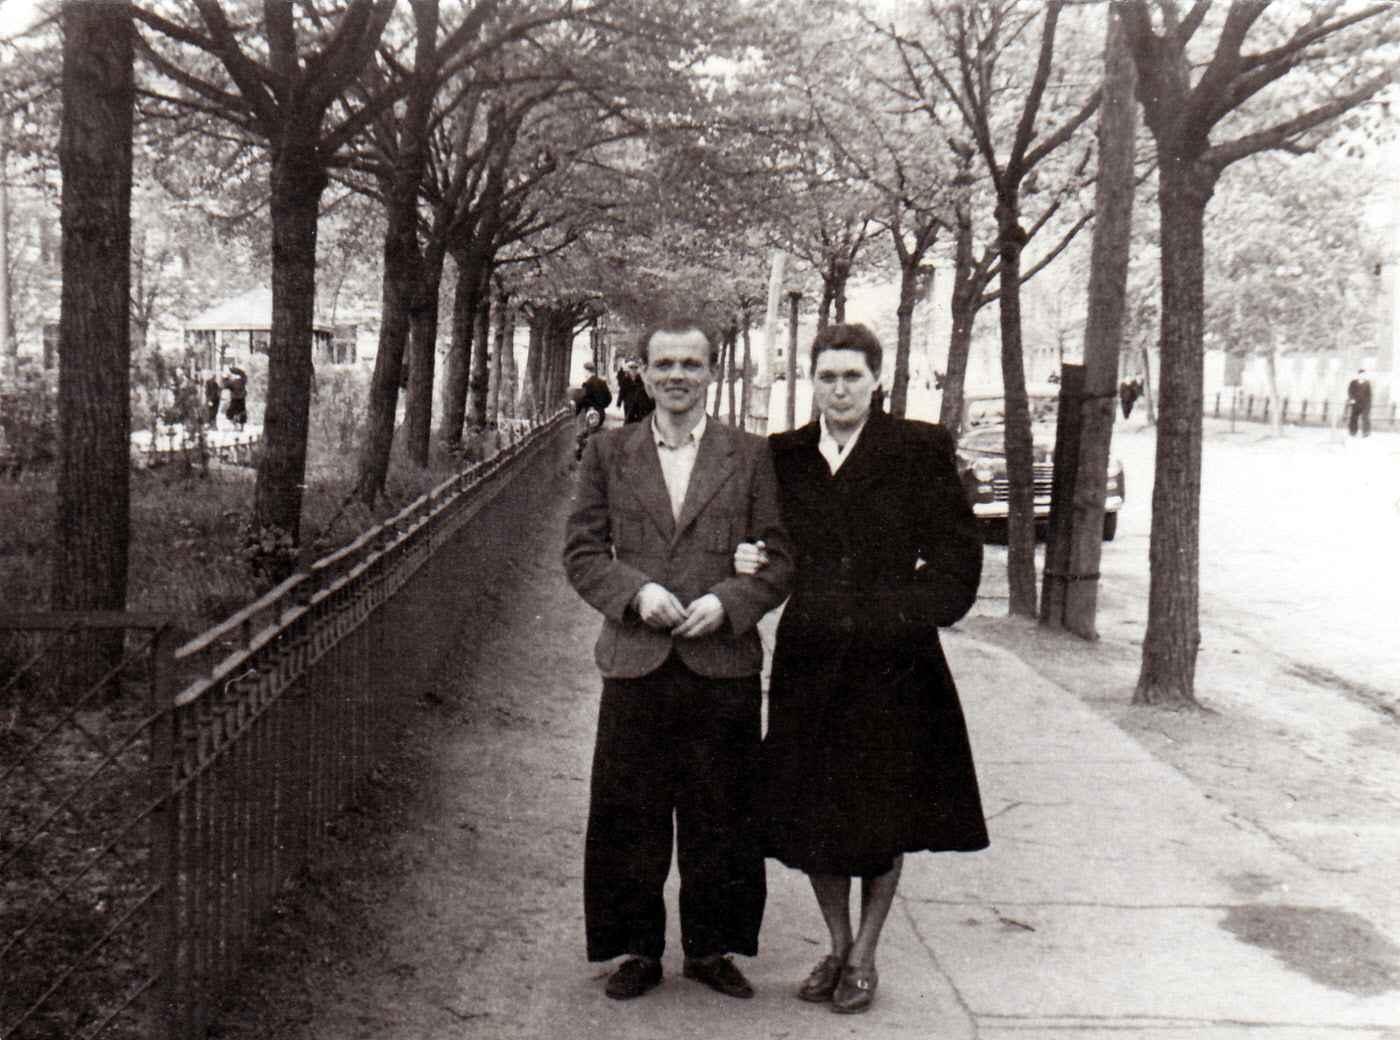 Экспонат #83. Валерия Юльевна Микоша и Соколов Борис Александрович. Москва, 1946-1947 гг.